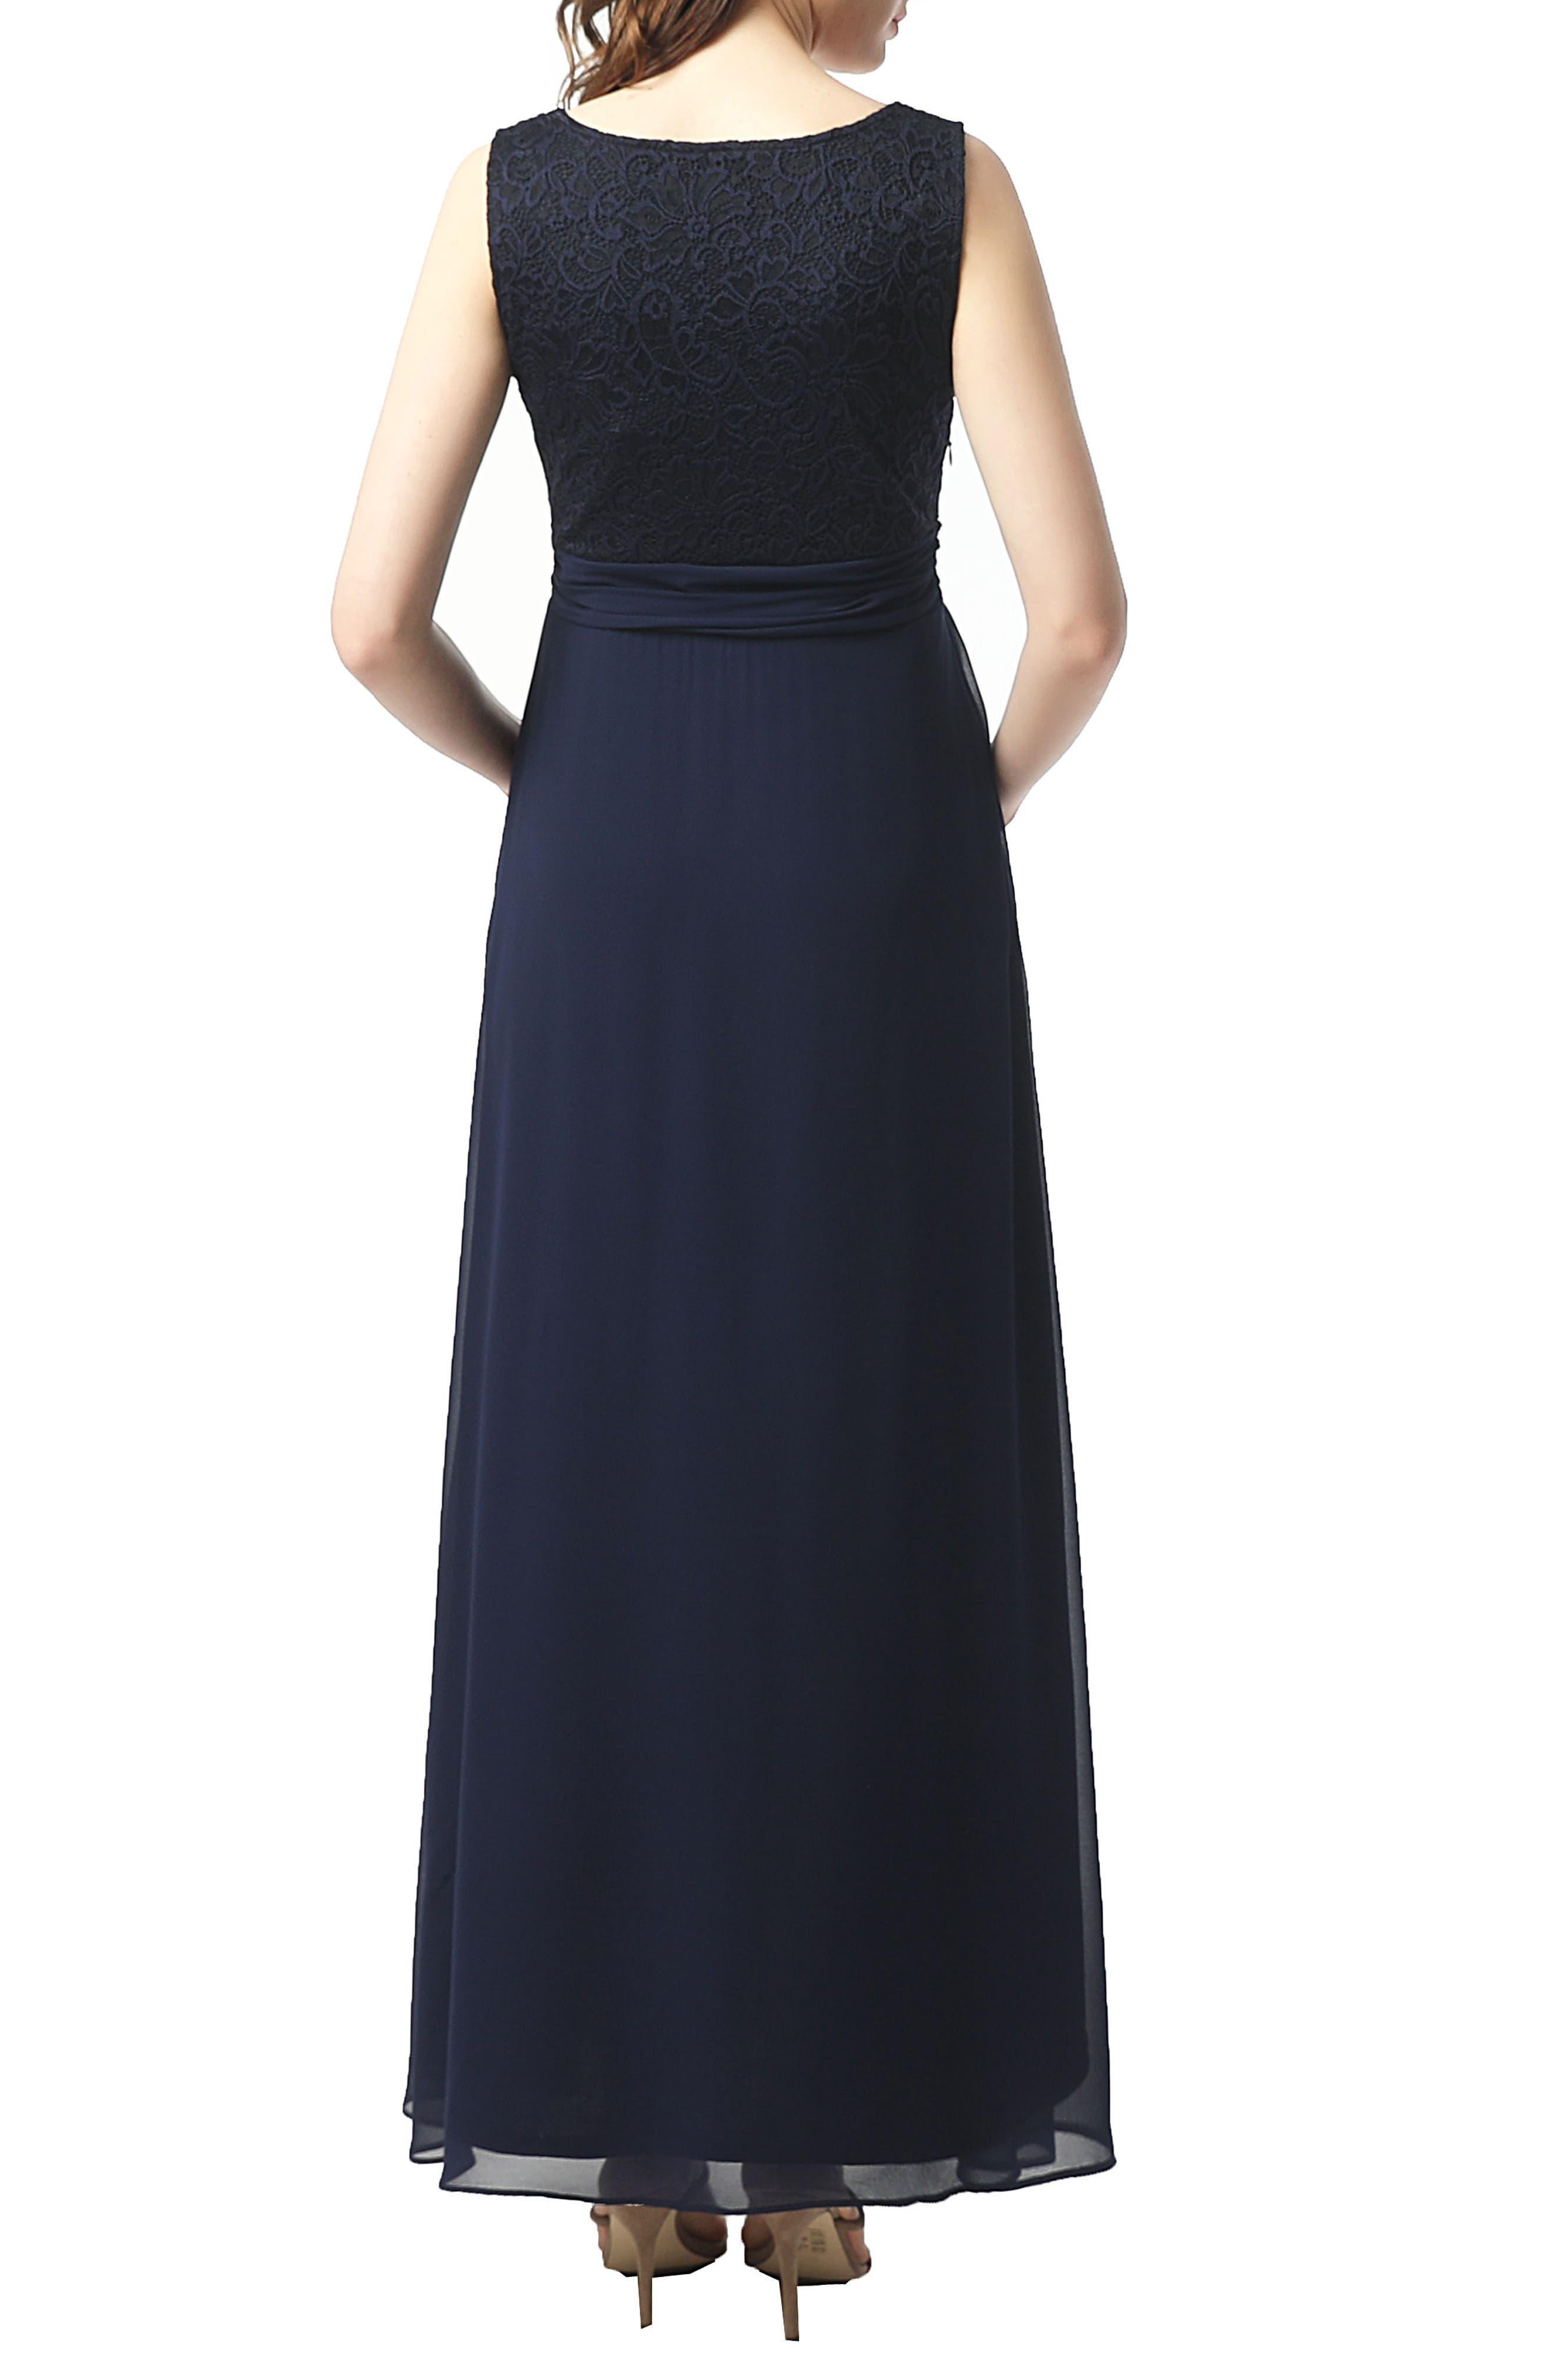 Kyra Maternity Maxi Dress,                             Alternate thumbnail 2, color,                             NAVY